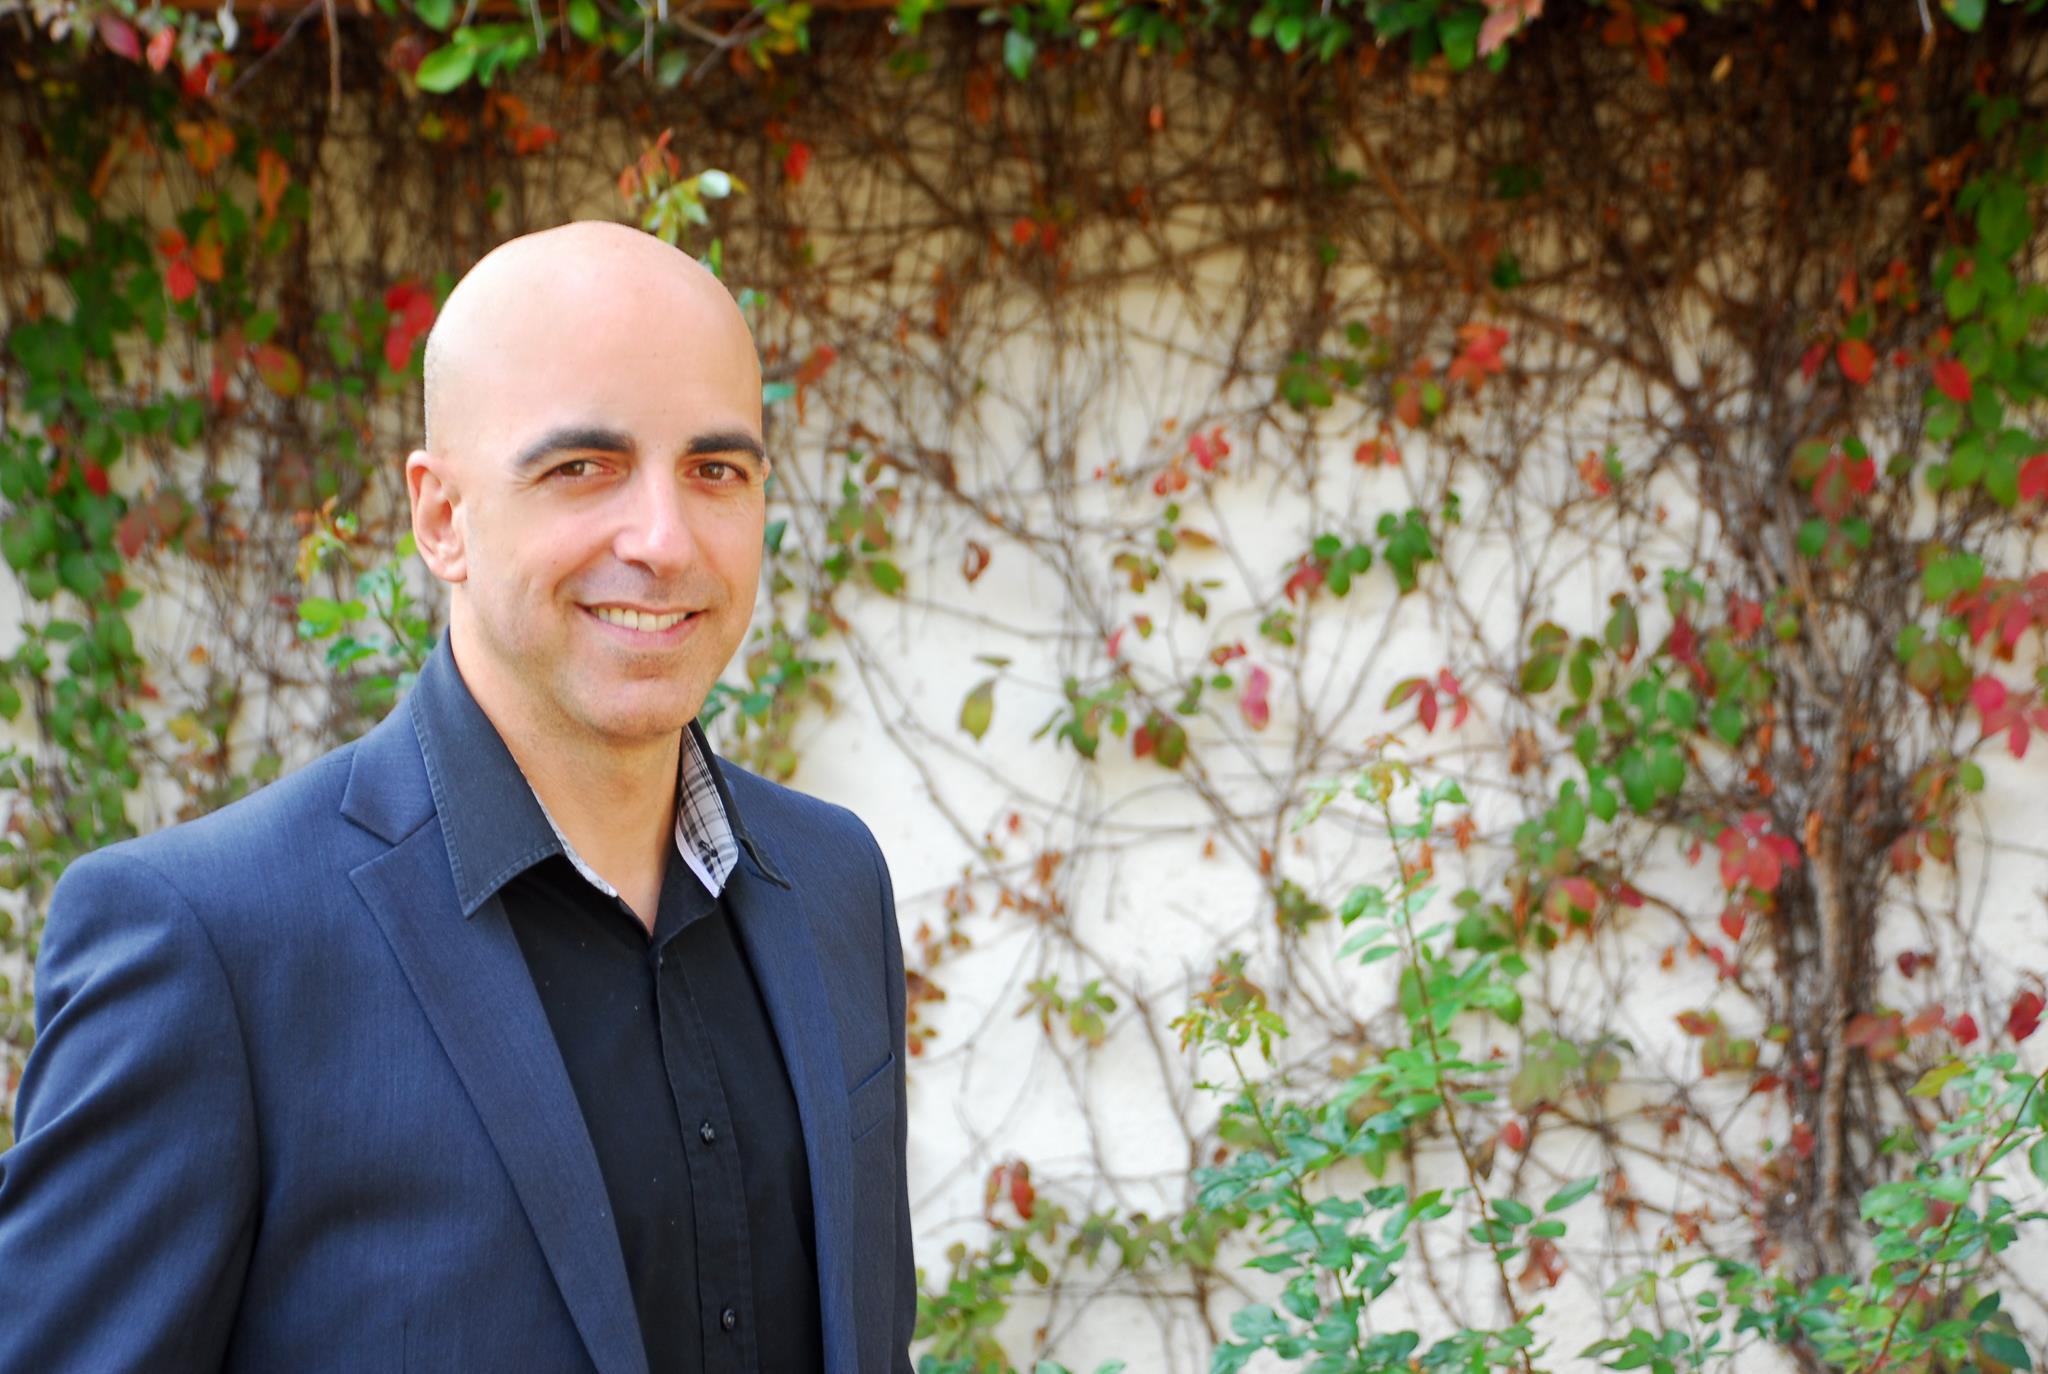 אליאב אללוף / צילום: ליאת מנדל